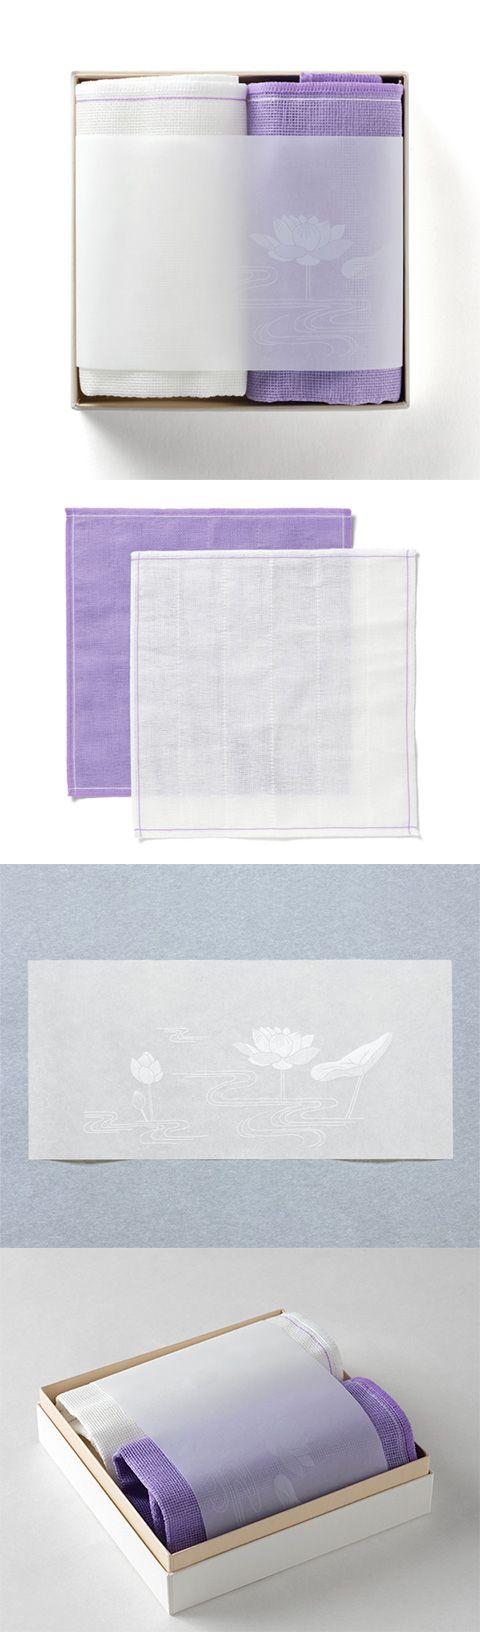 【弔事ふきん(中川政七商店)】/箱入りふきんのセットです。5枚仕立ての蚊帳生地を使用した藤色と白のふきんが蓮の花があしらわれた薄紙とともに入っています。